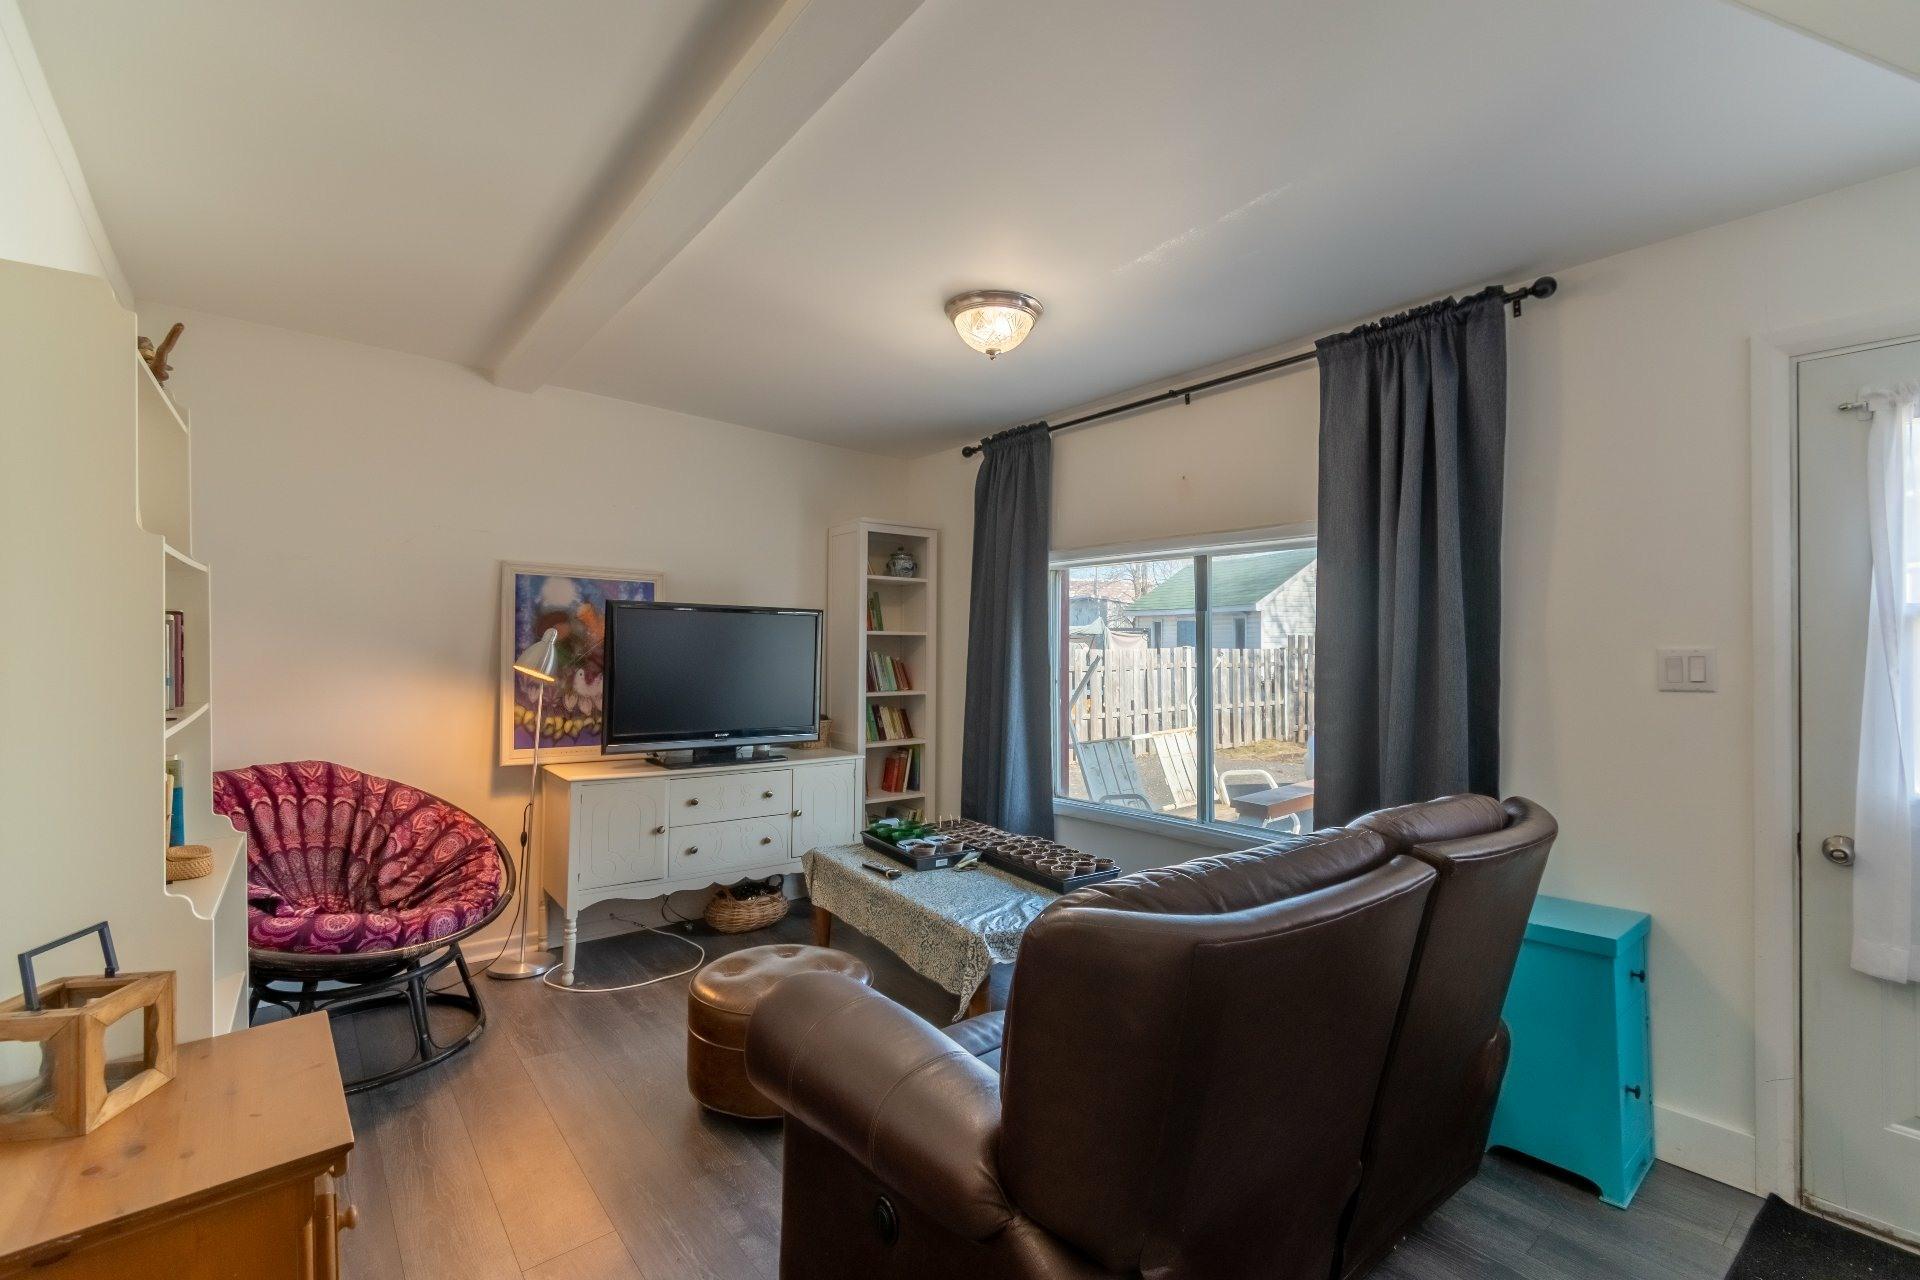 image 6 - Duplex For sale Trois-Rivières - 4 rooms